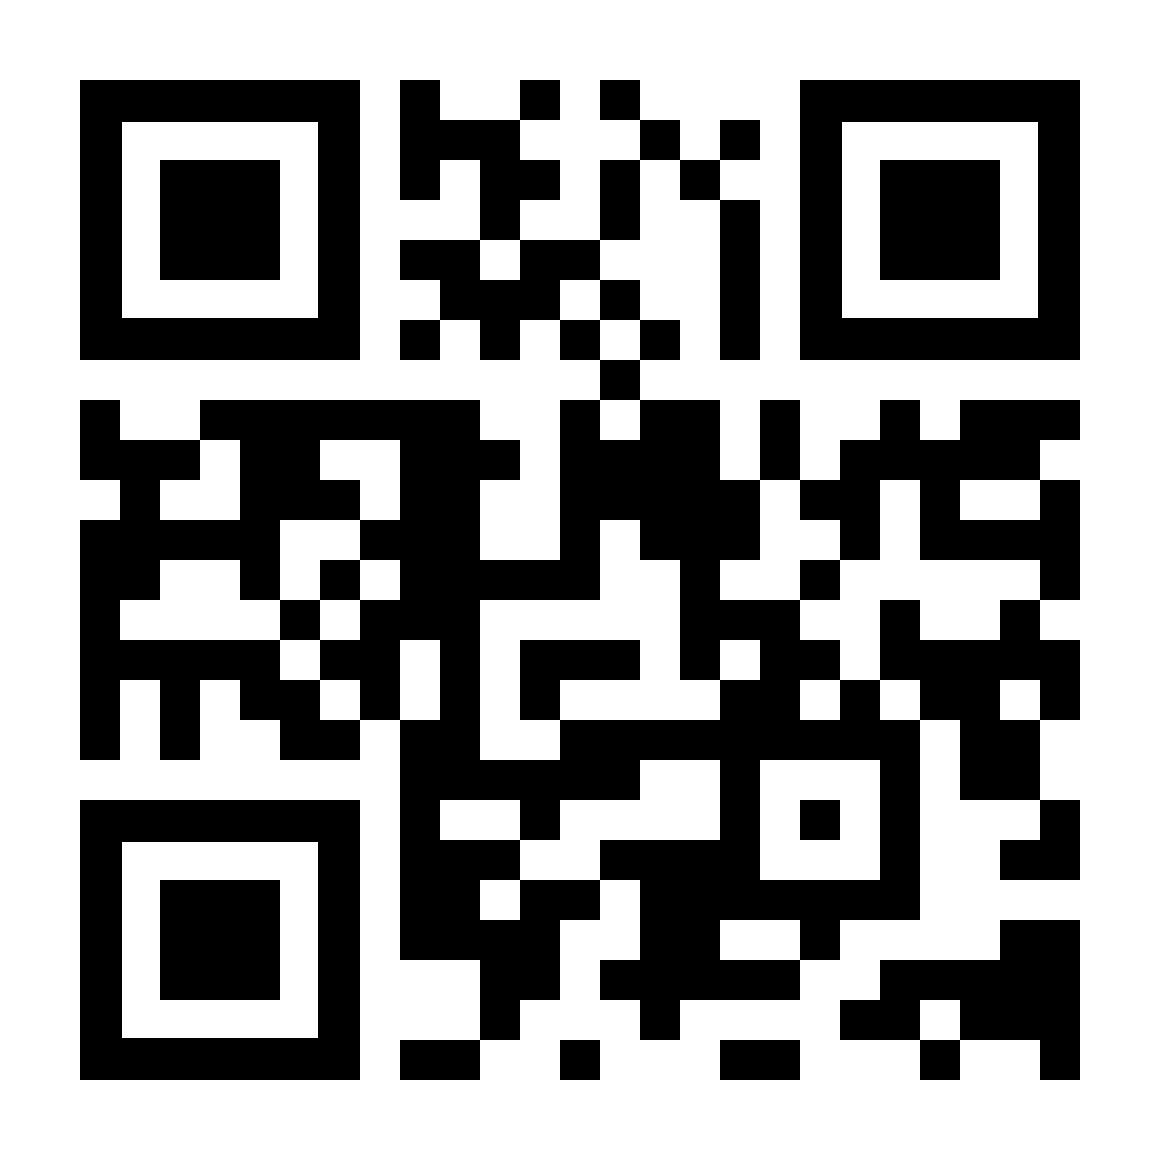 QR-код со ссылкой на kaspersky.com